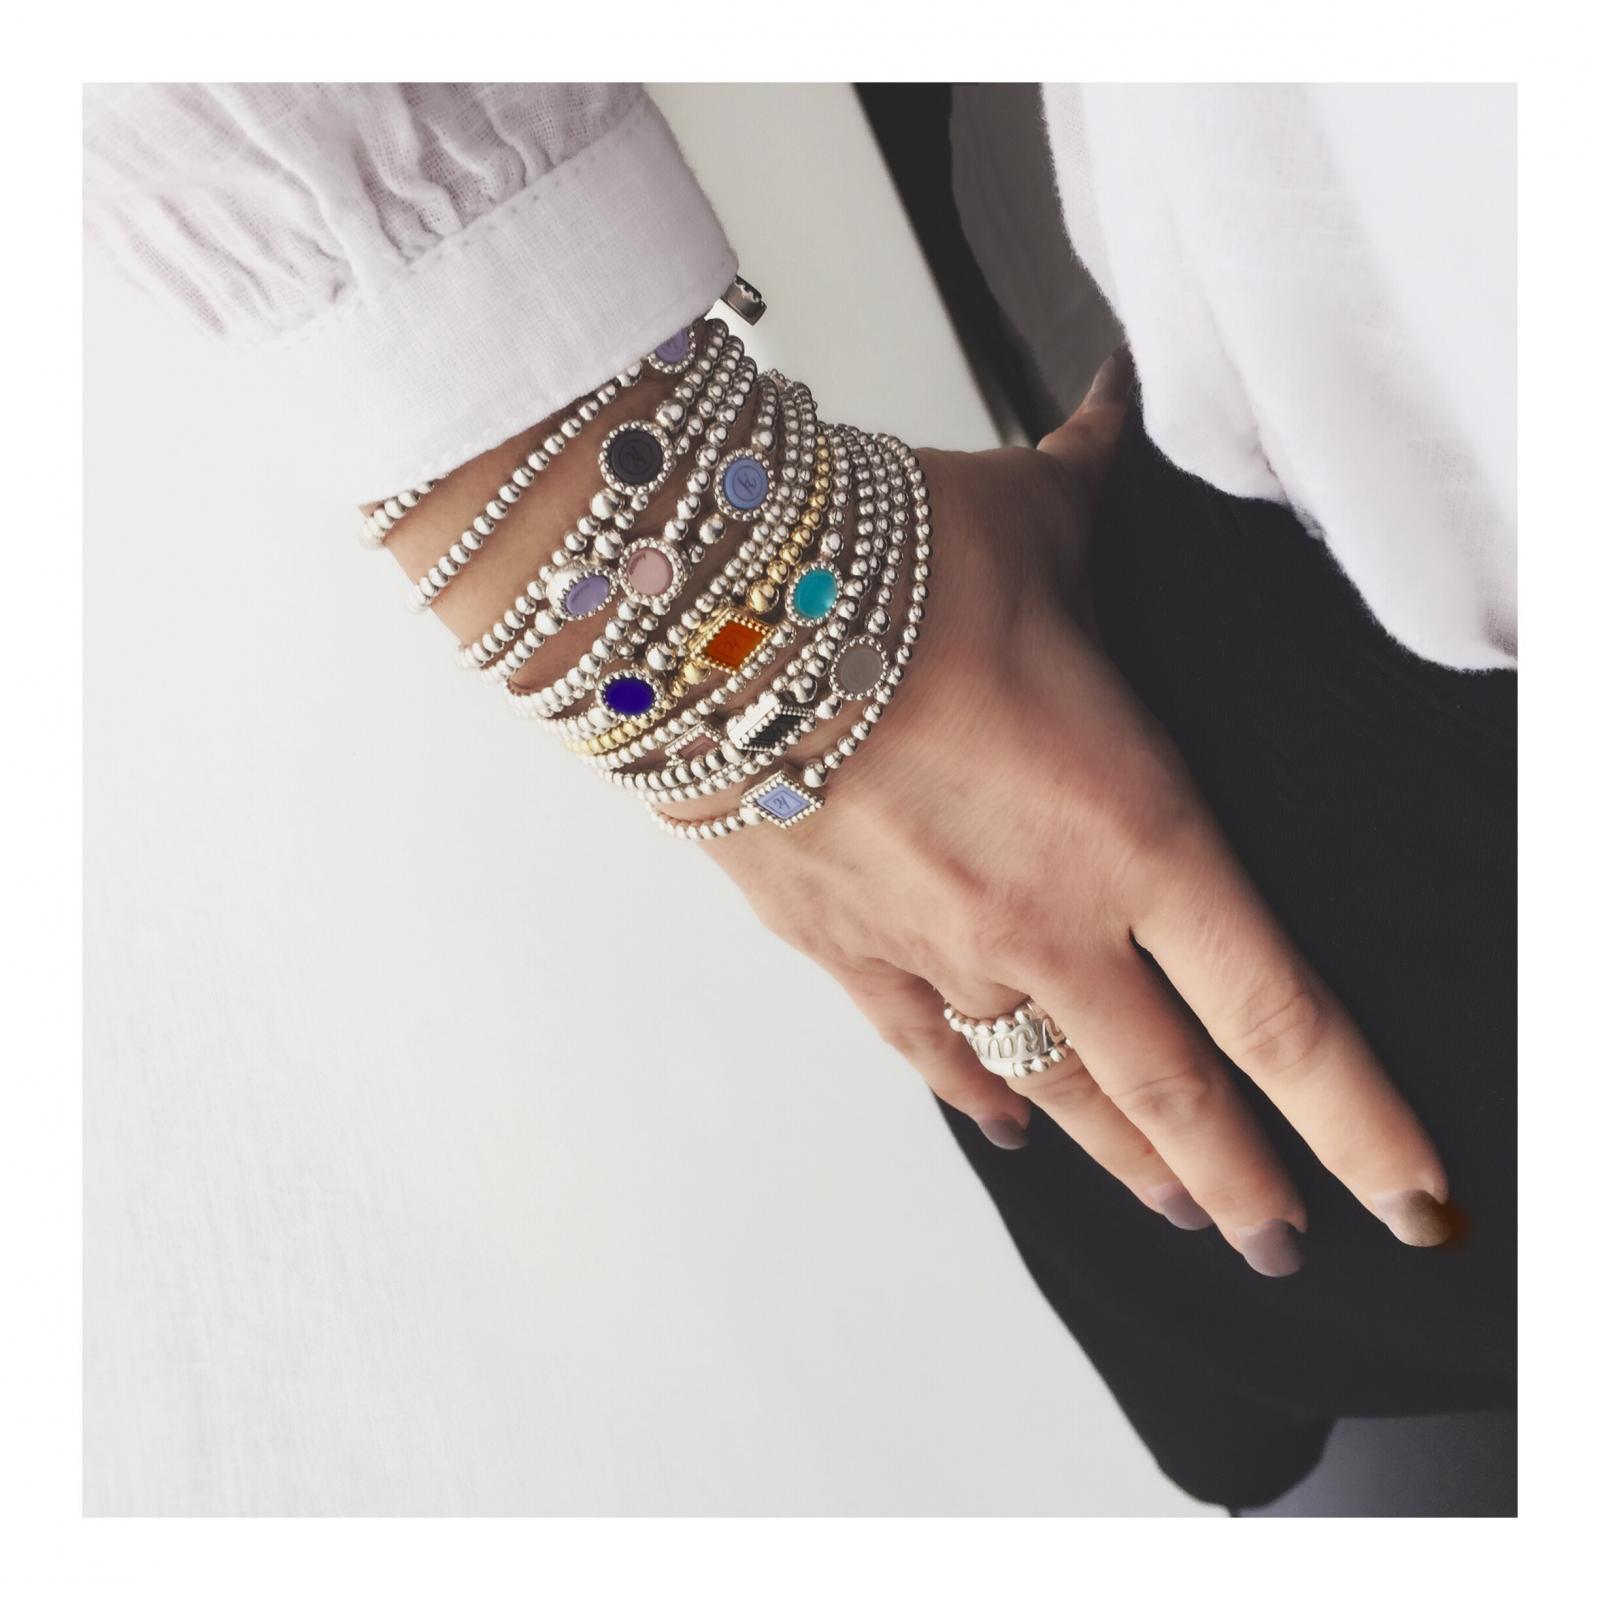 Flexibele 925 sterling zilveren armband rond Flexibele 925 sterling zilveren armband vierkant 925 Sterling zilveren armband vierkant